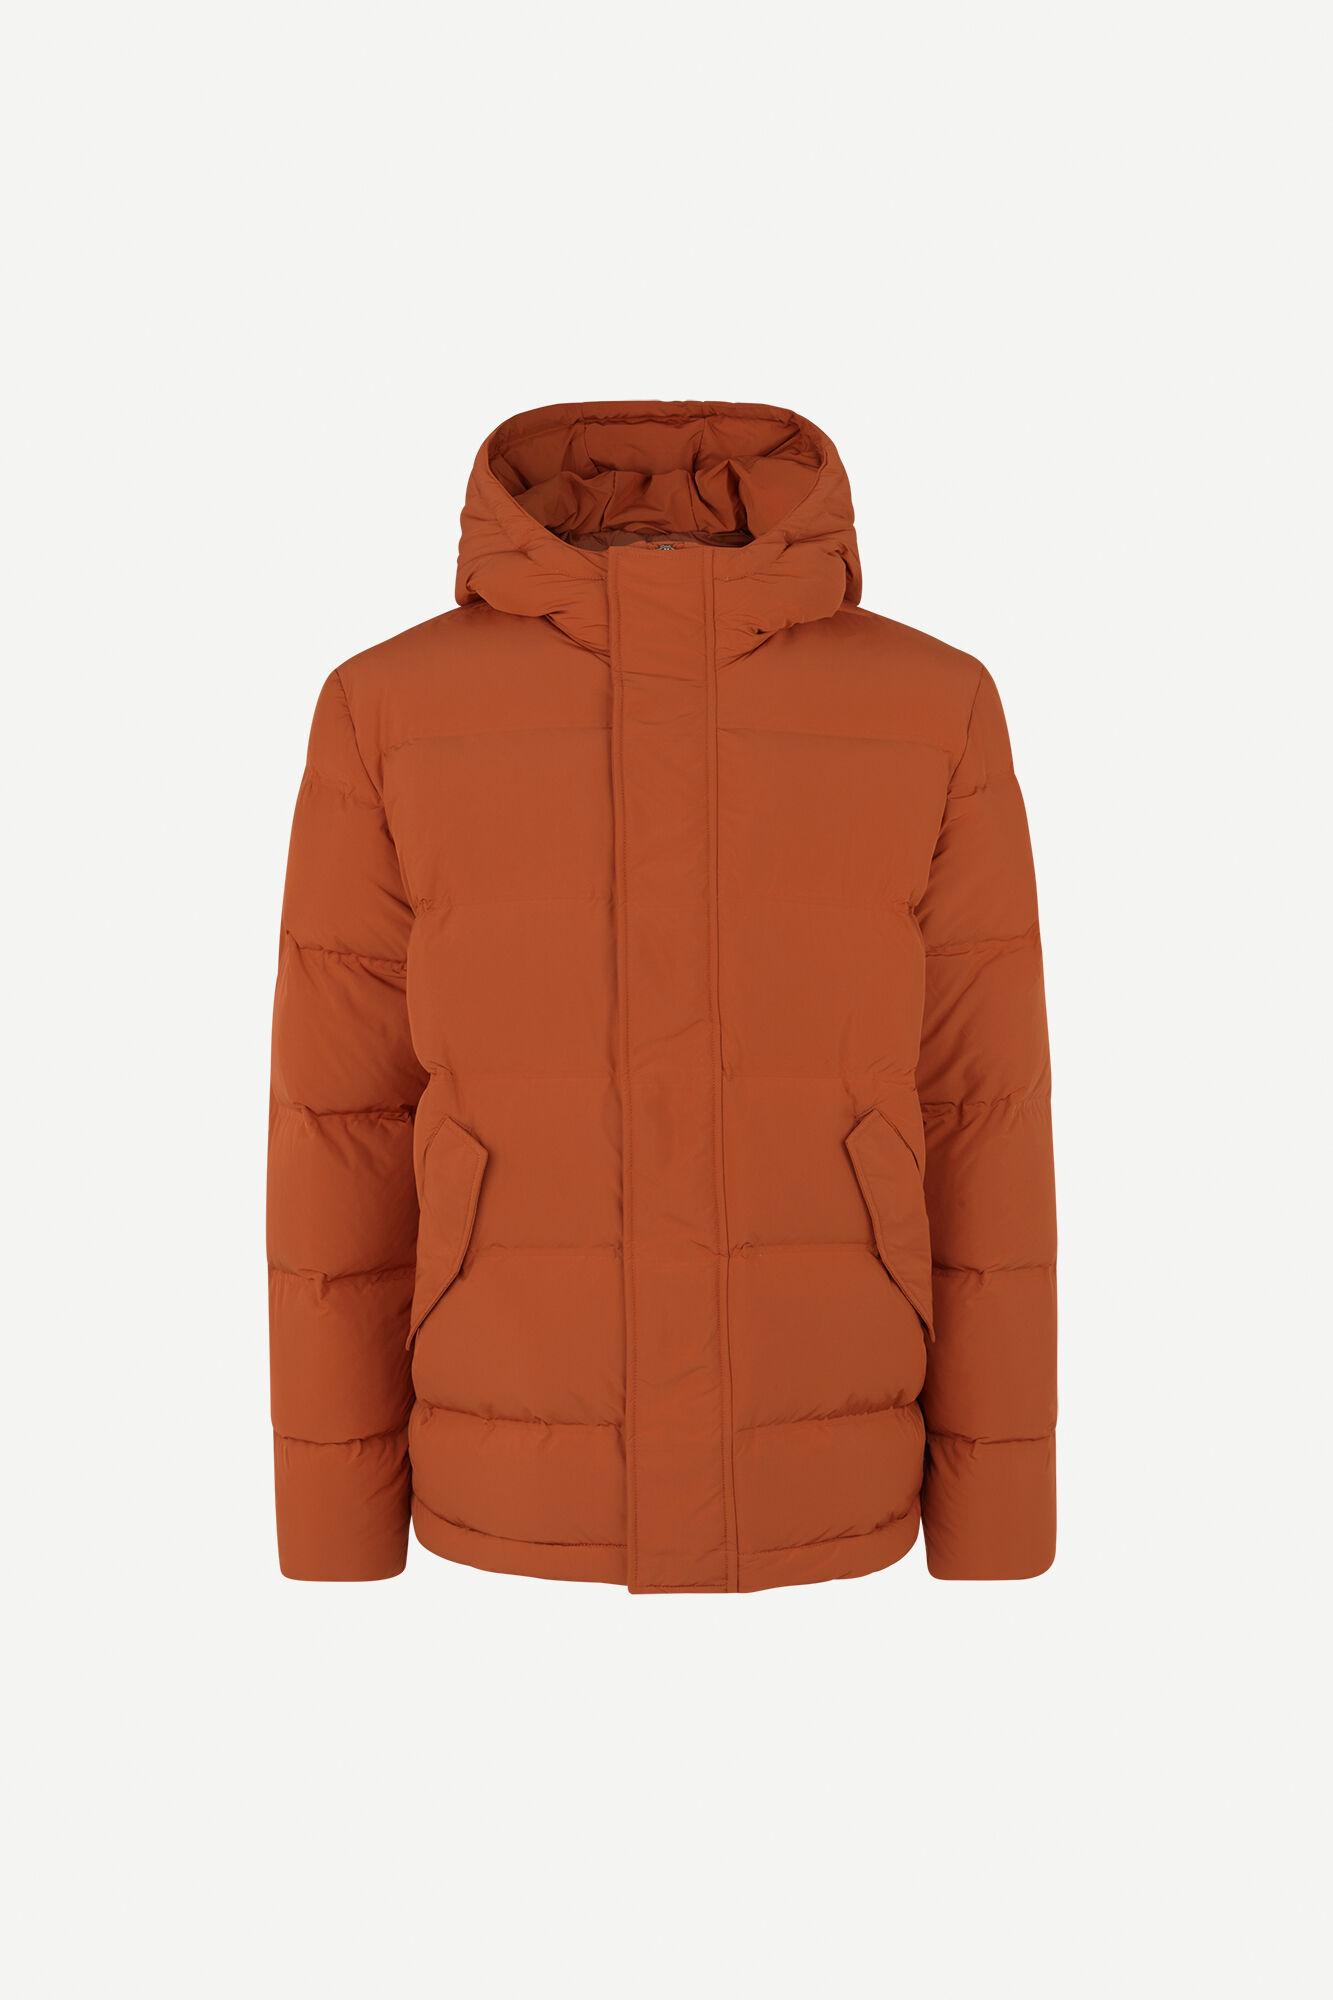 Bjarket jacket 8306